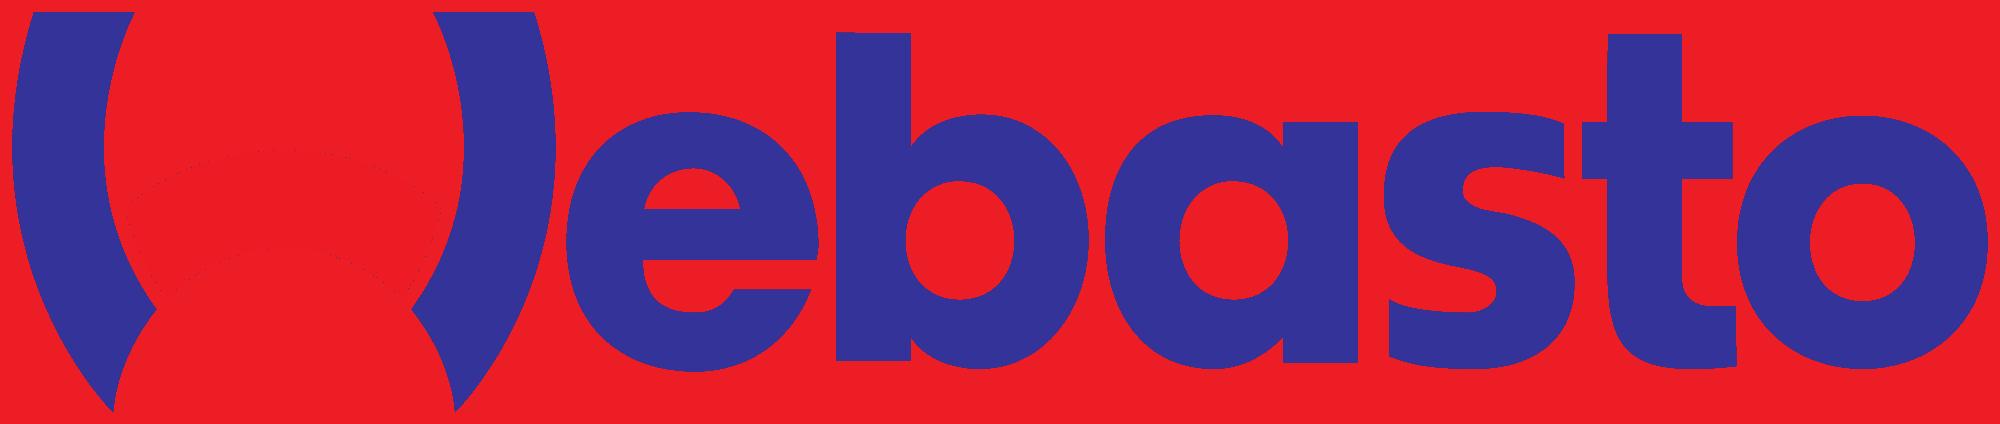 Webasto_logo